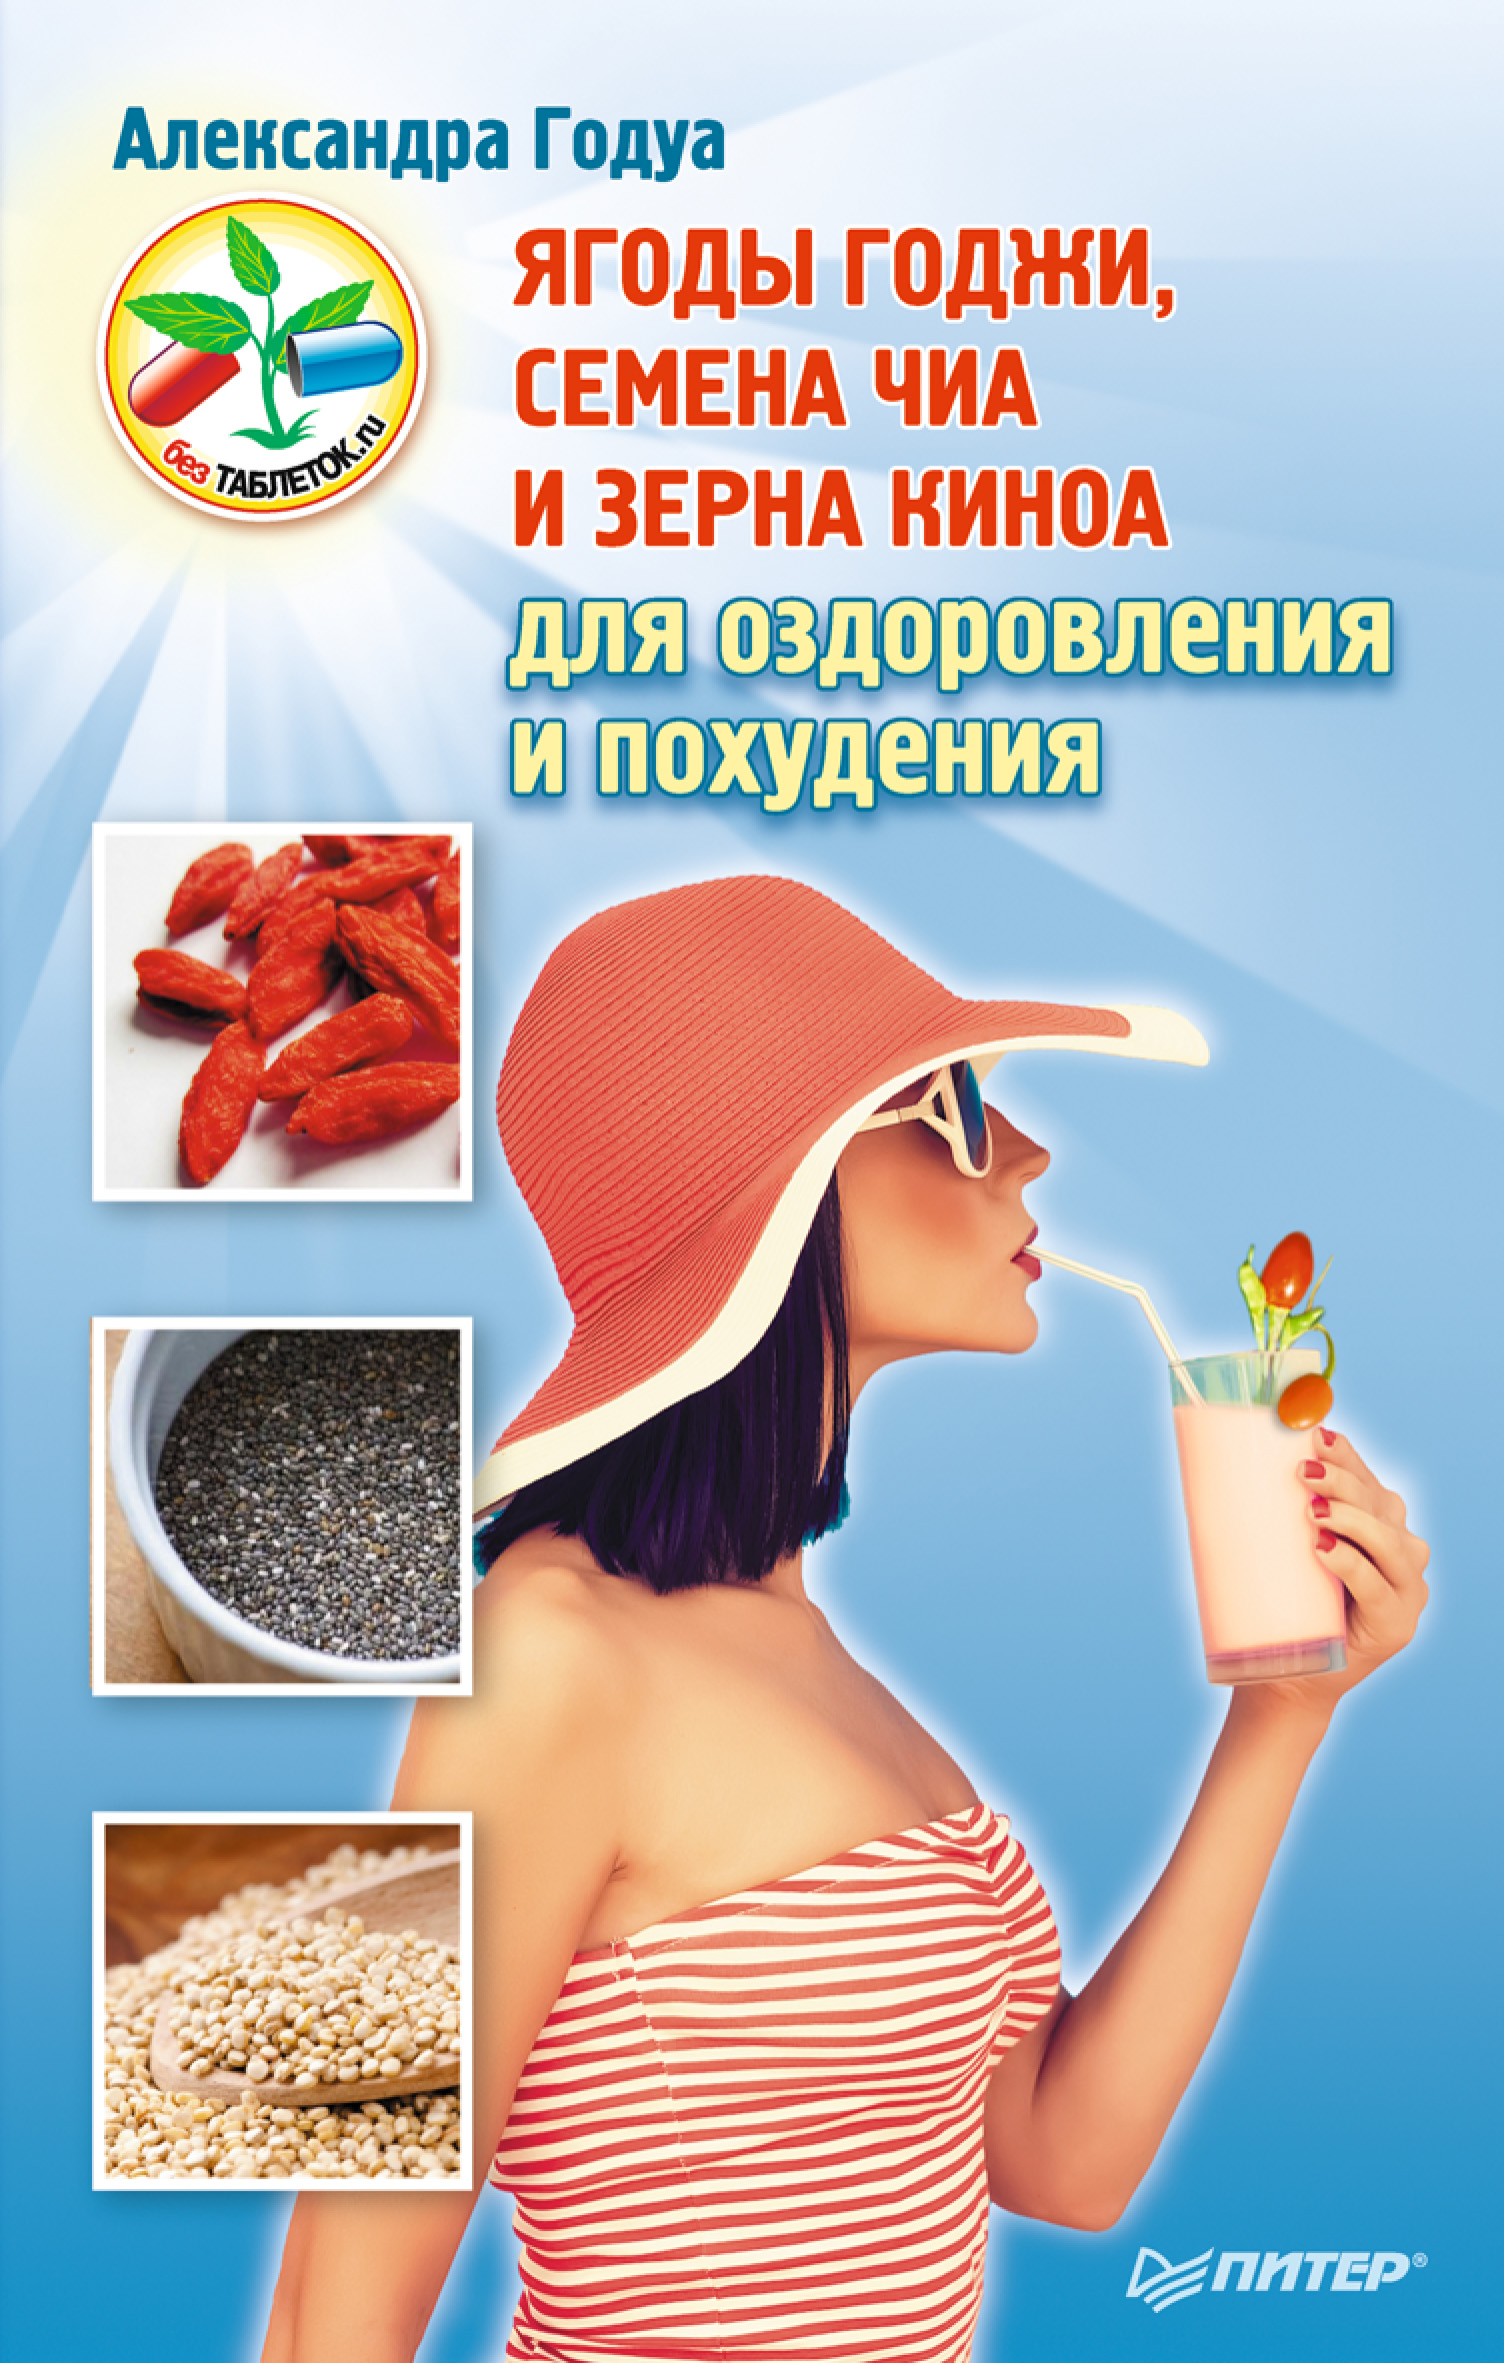 Александра Годуа Ягоды годжи, семена чиа и зерна киноа для оздоровления и похудения киноа красные семена 150гр organic